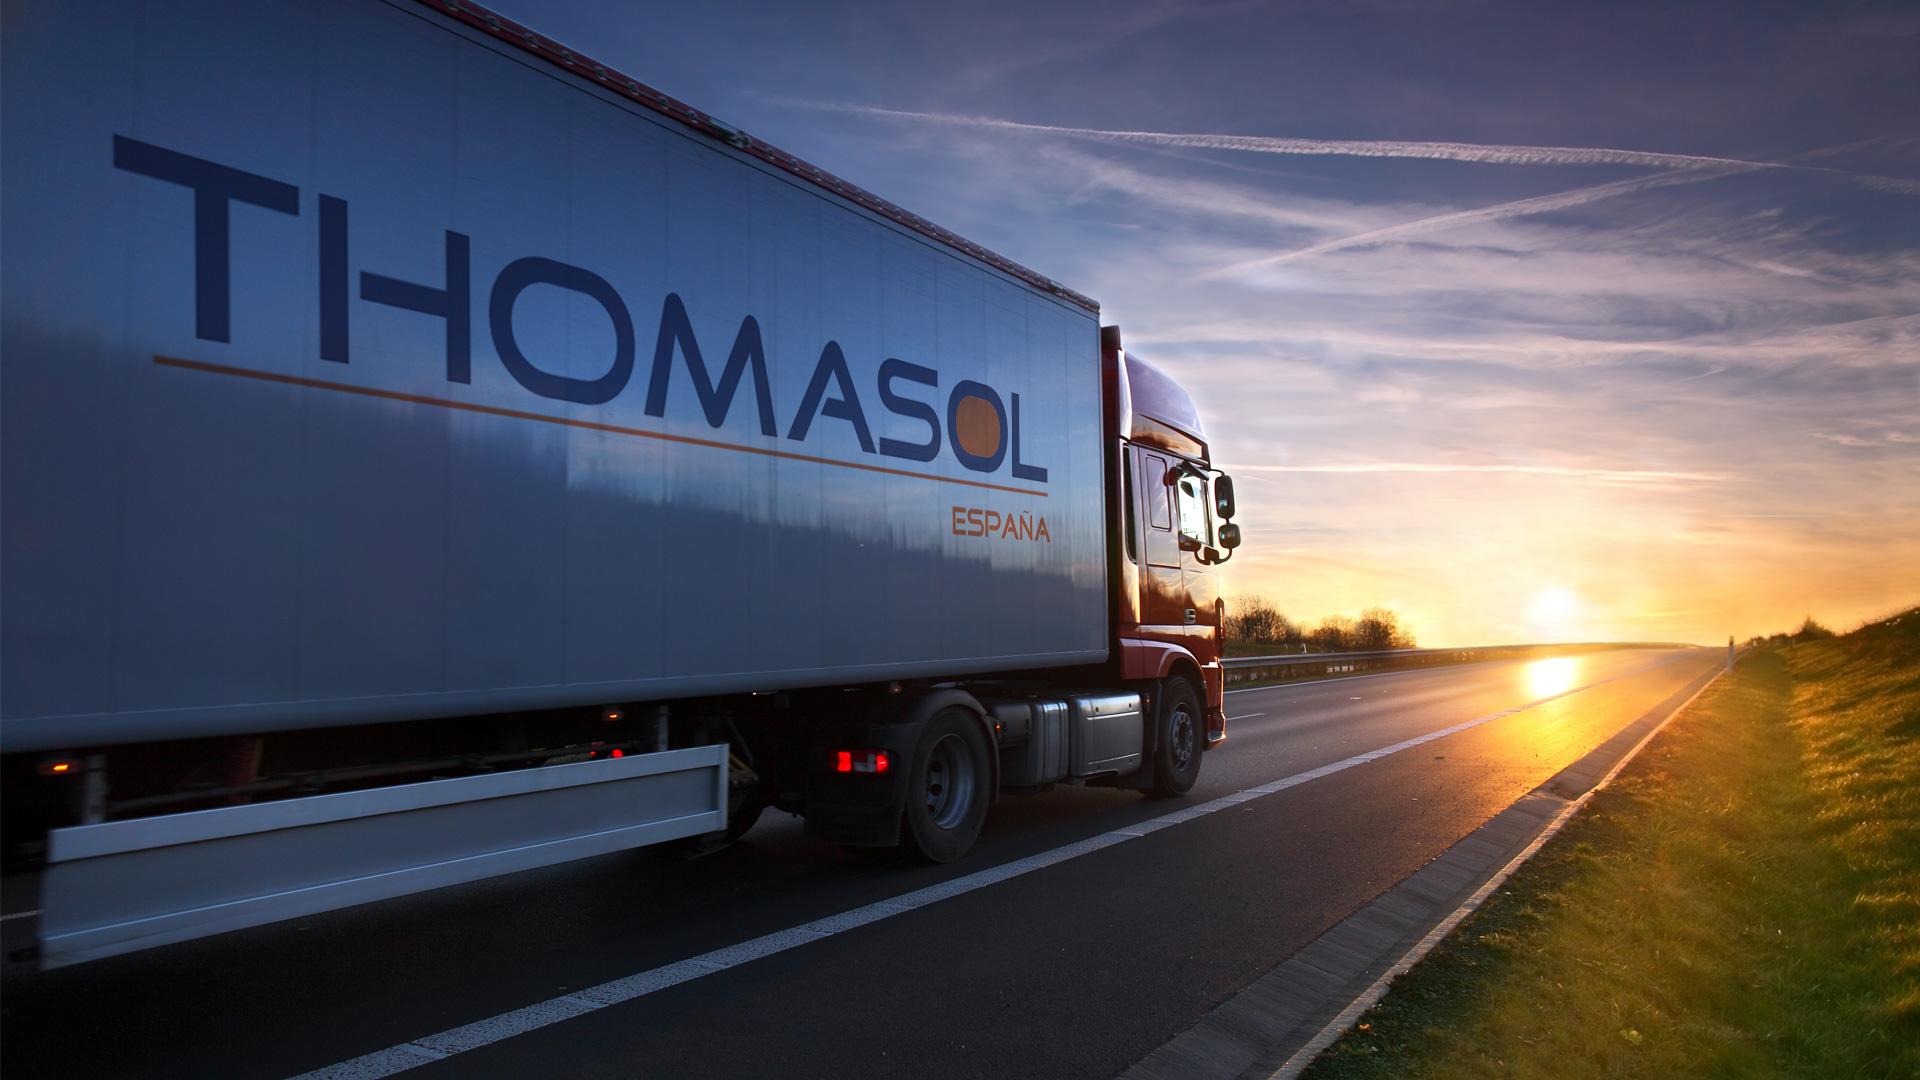 Foto Camión Slide Thomasol